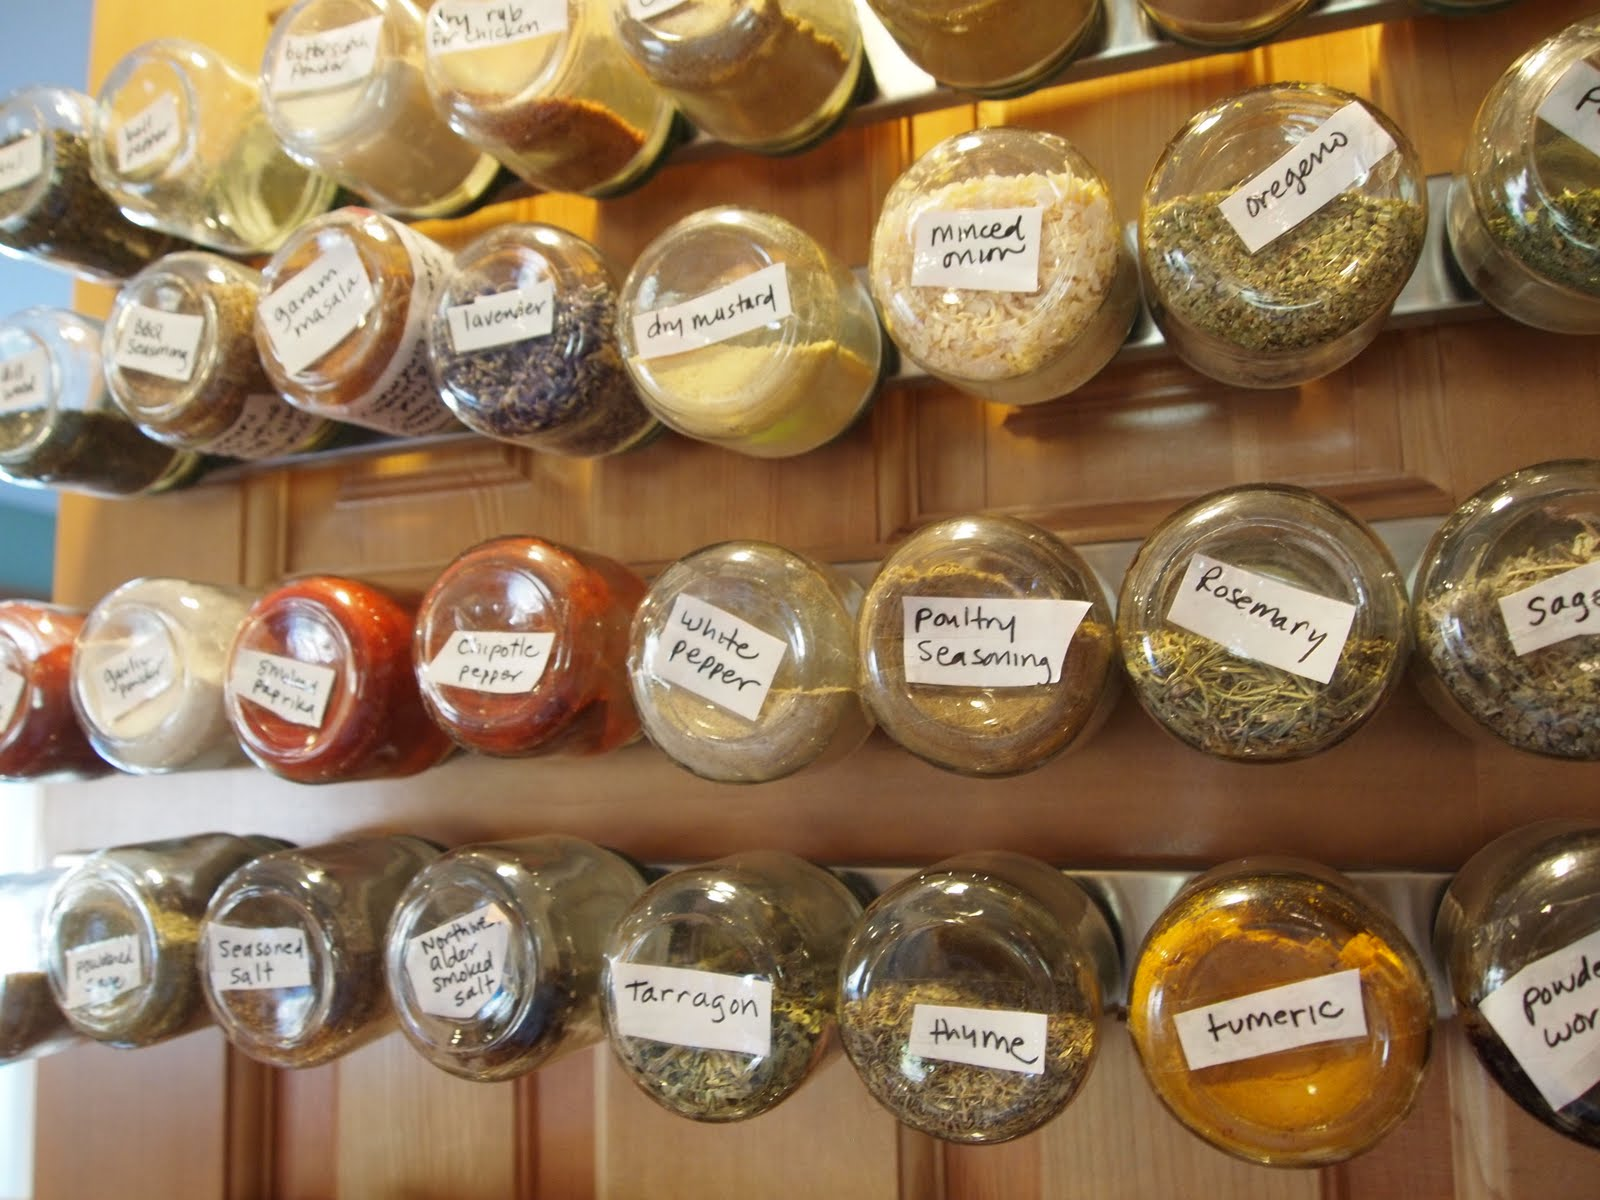 Baby Jar Spice Holder